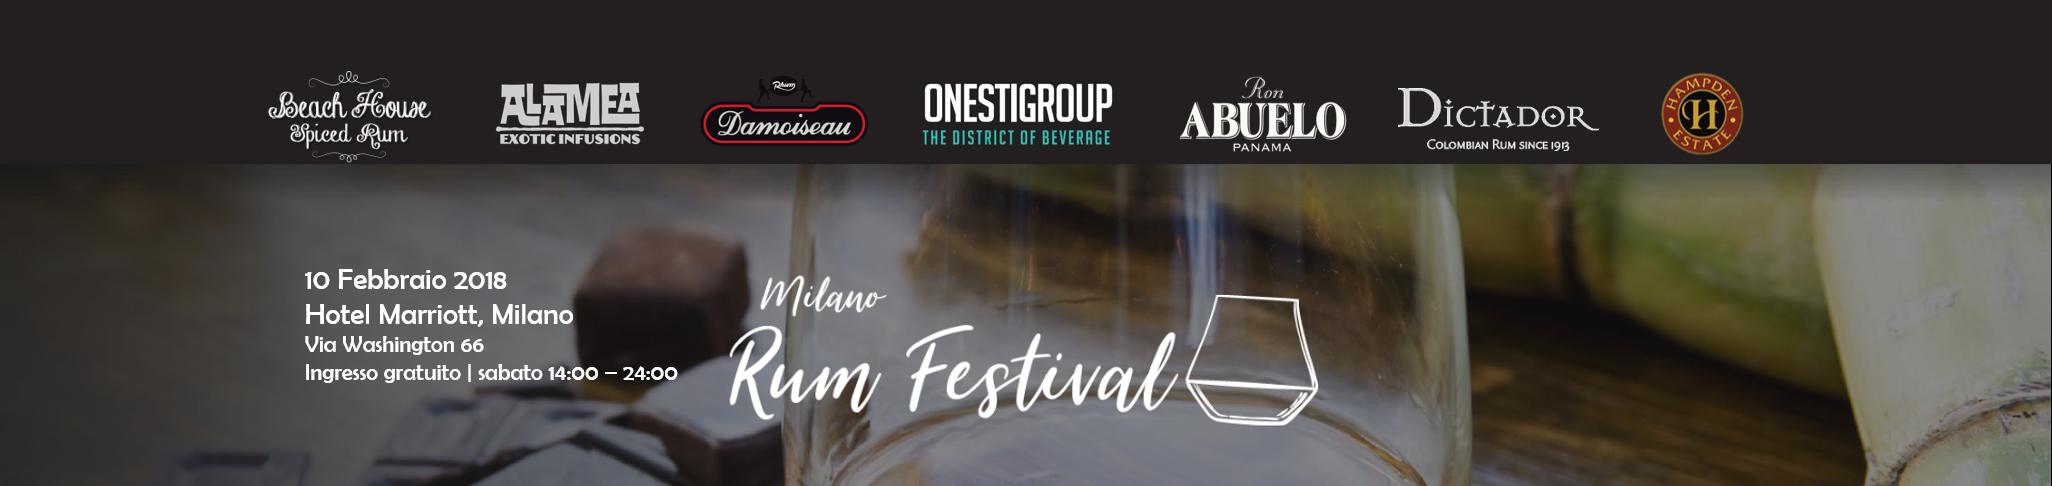 Arriva Milano Rum Festival – 10 febbraio 2018